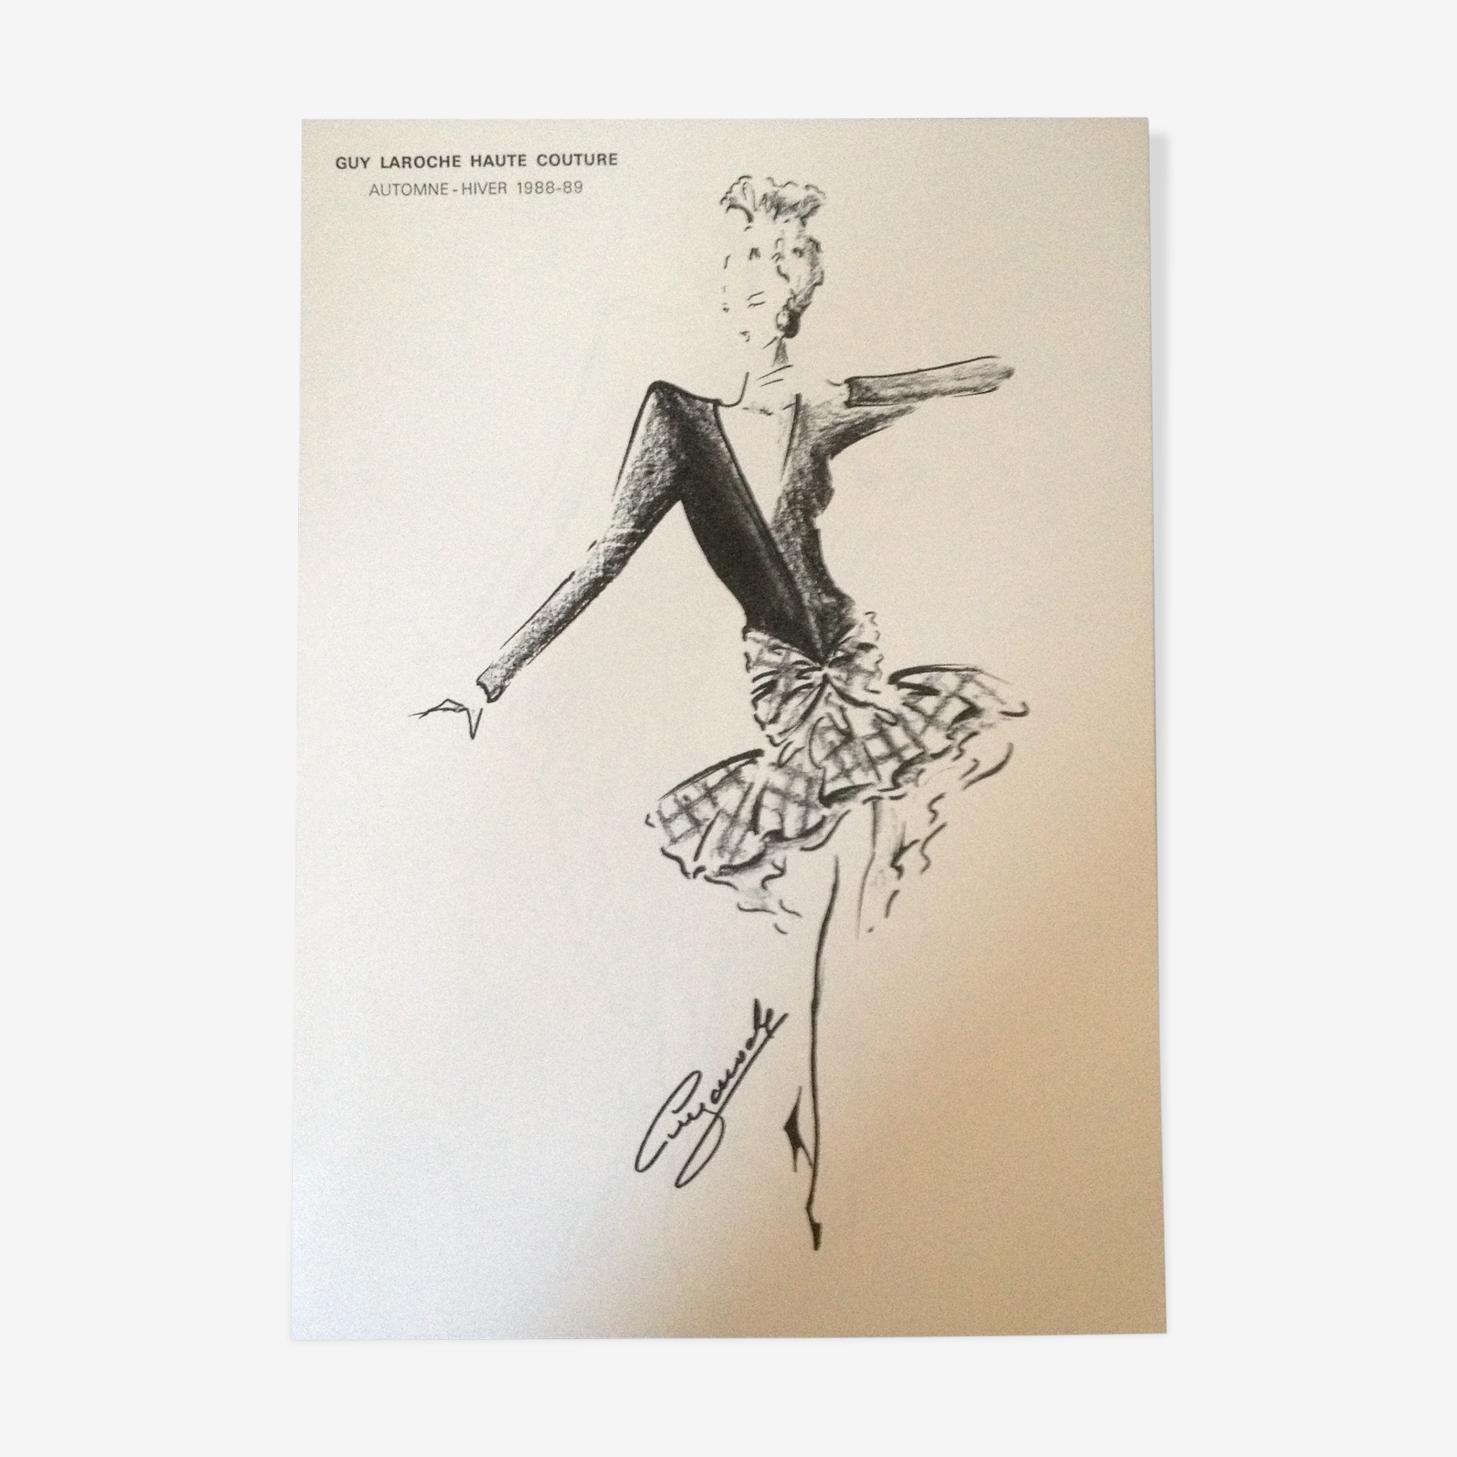 Croquis de mode presse Guy Laroche fin des années 80